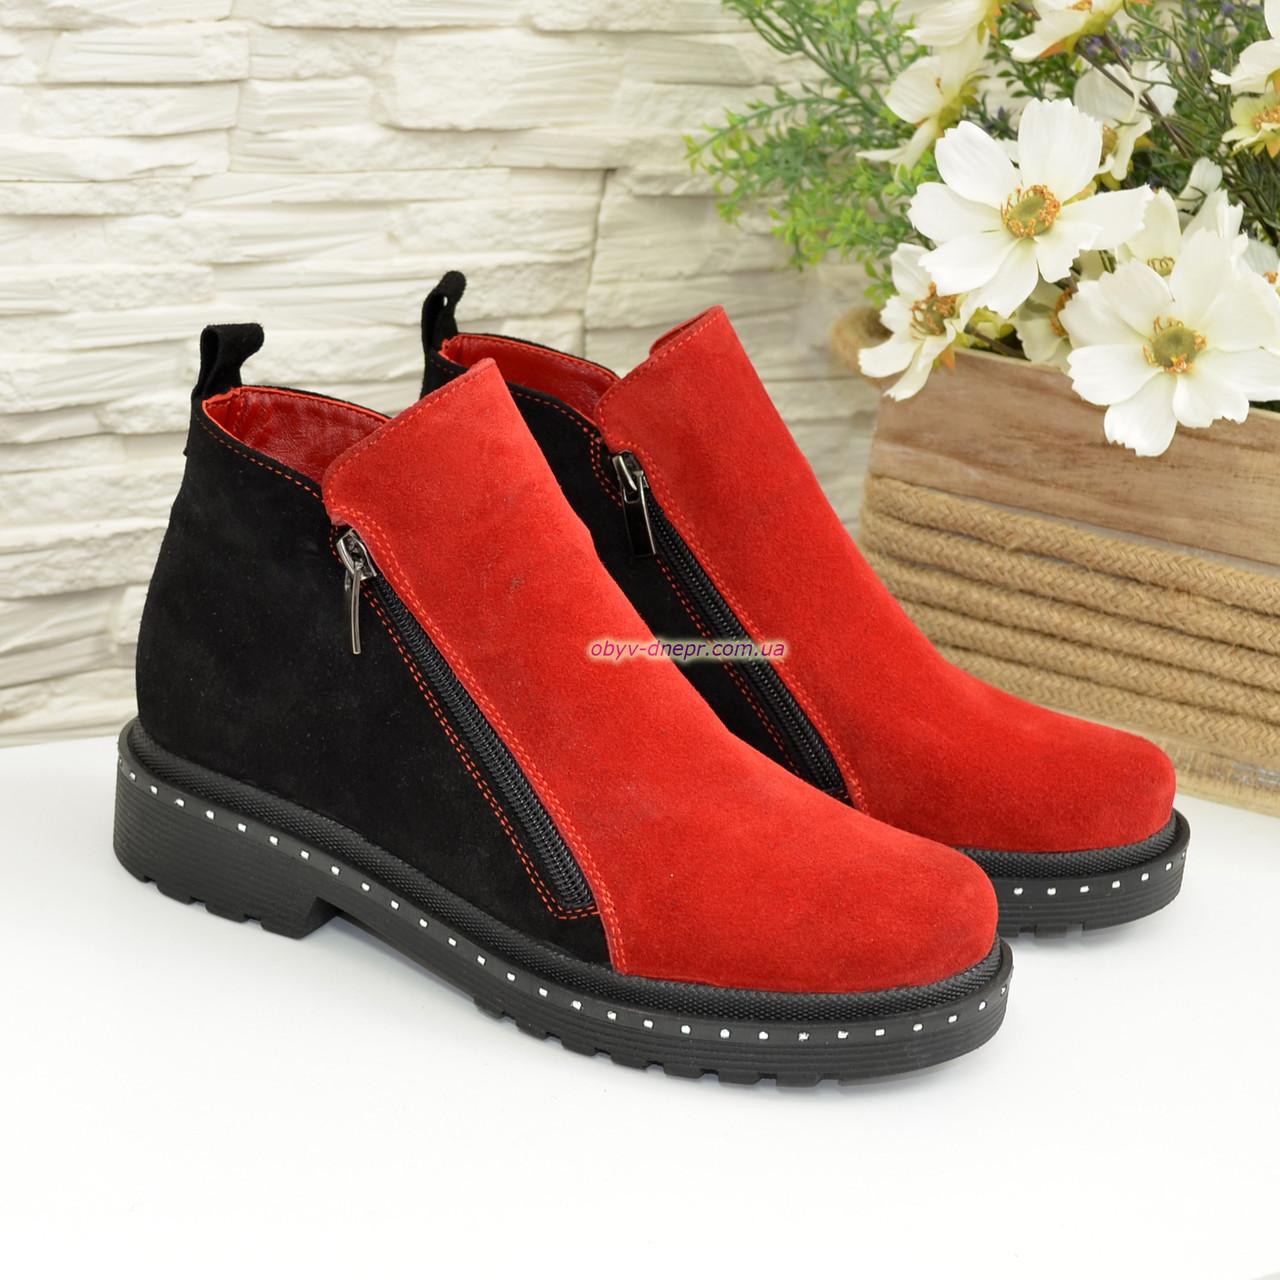 Ботинки женские замшевые демисезонные на маленьком каблуке